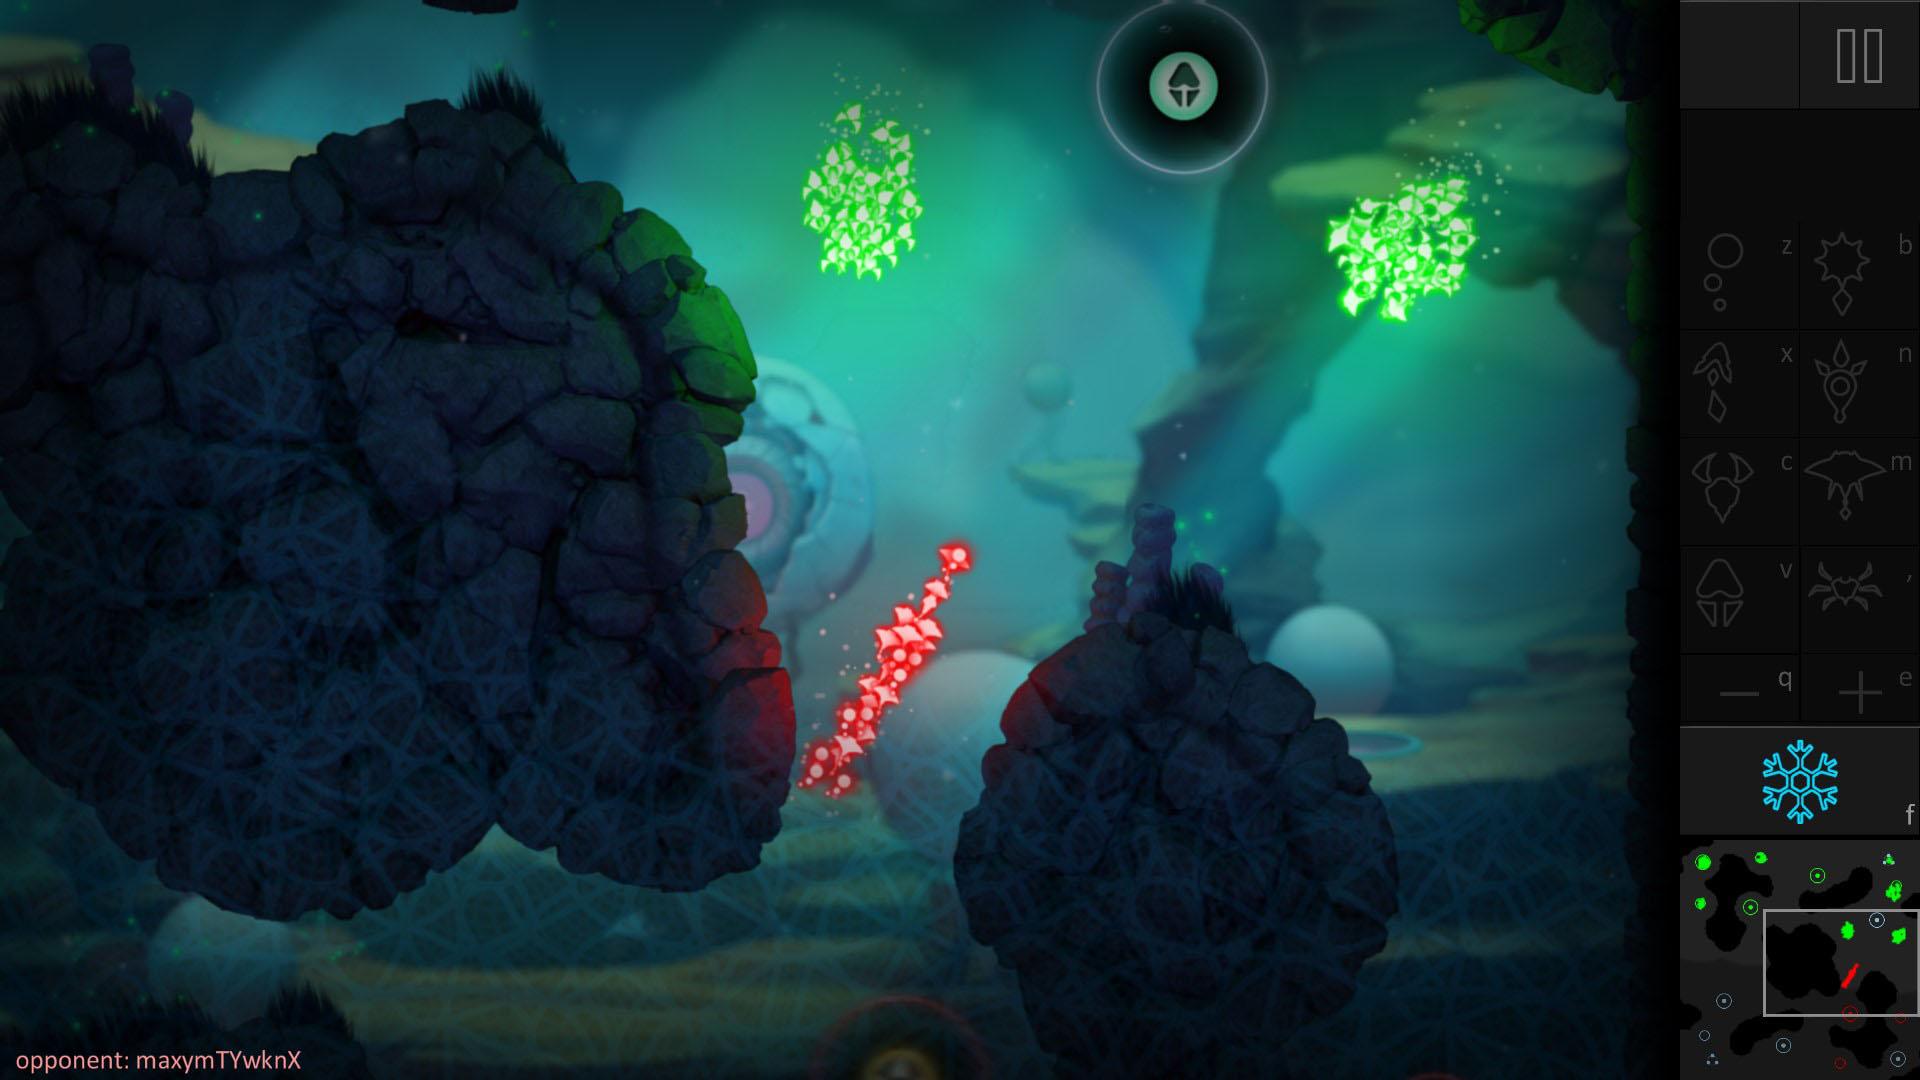 苹果2011年度iPad游戏《Contre Joir》开发商Mokus Games日前为旗下PC平台新作《变异体入侵(BOID)》公布了一部预告片,以庆祝该作即将登陆Steam抢先体验。《变异体入侵》是一部风格独特的实时战略游戏,它需要你快速动脑想出策略,而不是一味地暴力碾压。 在《变异体入侵》中,一架生物有机侵染无人机紧急着陆在一颗星球上,并需要让其中的原始生命进化为高级的变异体,并获得特殊的技能,这些生命形式将为统治而战! 《变异体入侵》是Mokus Games由移动平台转为PC平台的转型之作,给人的